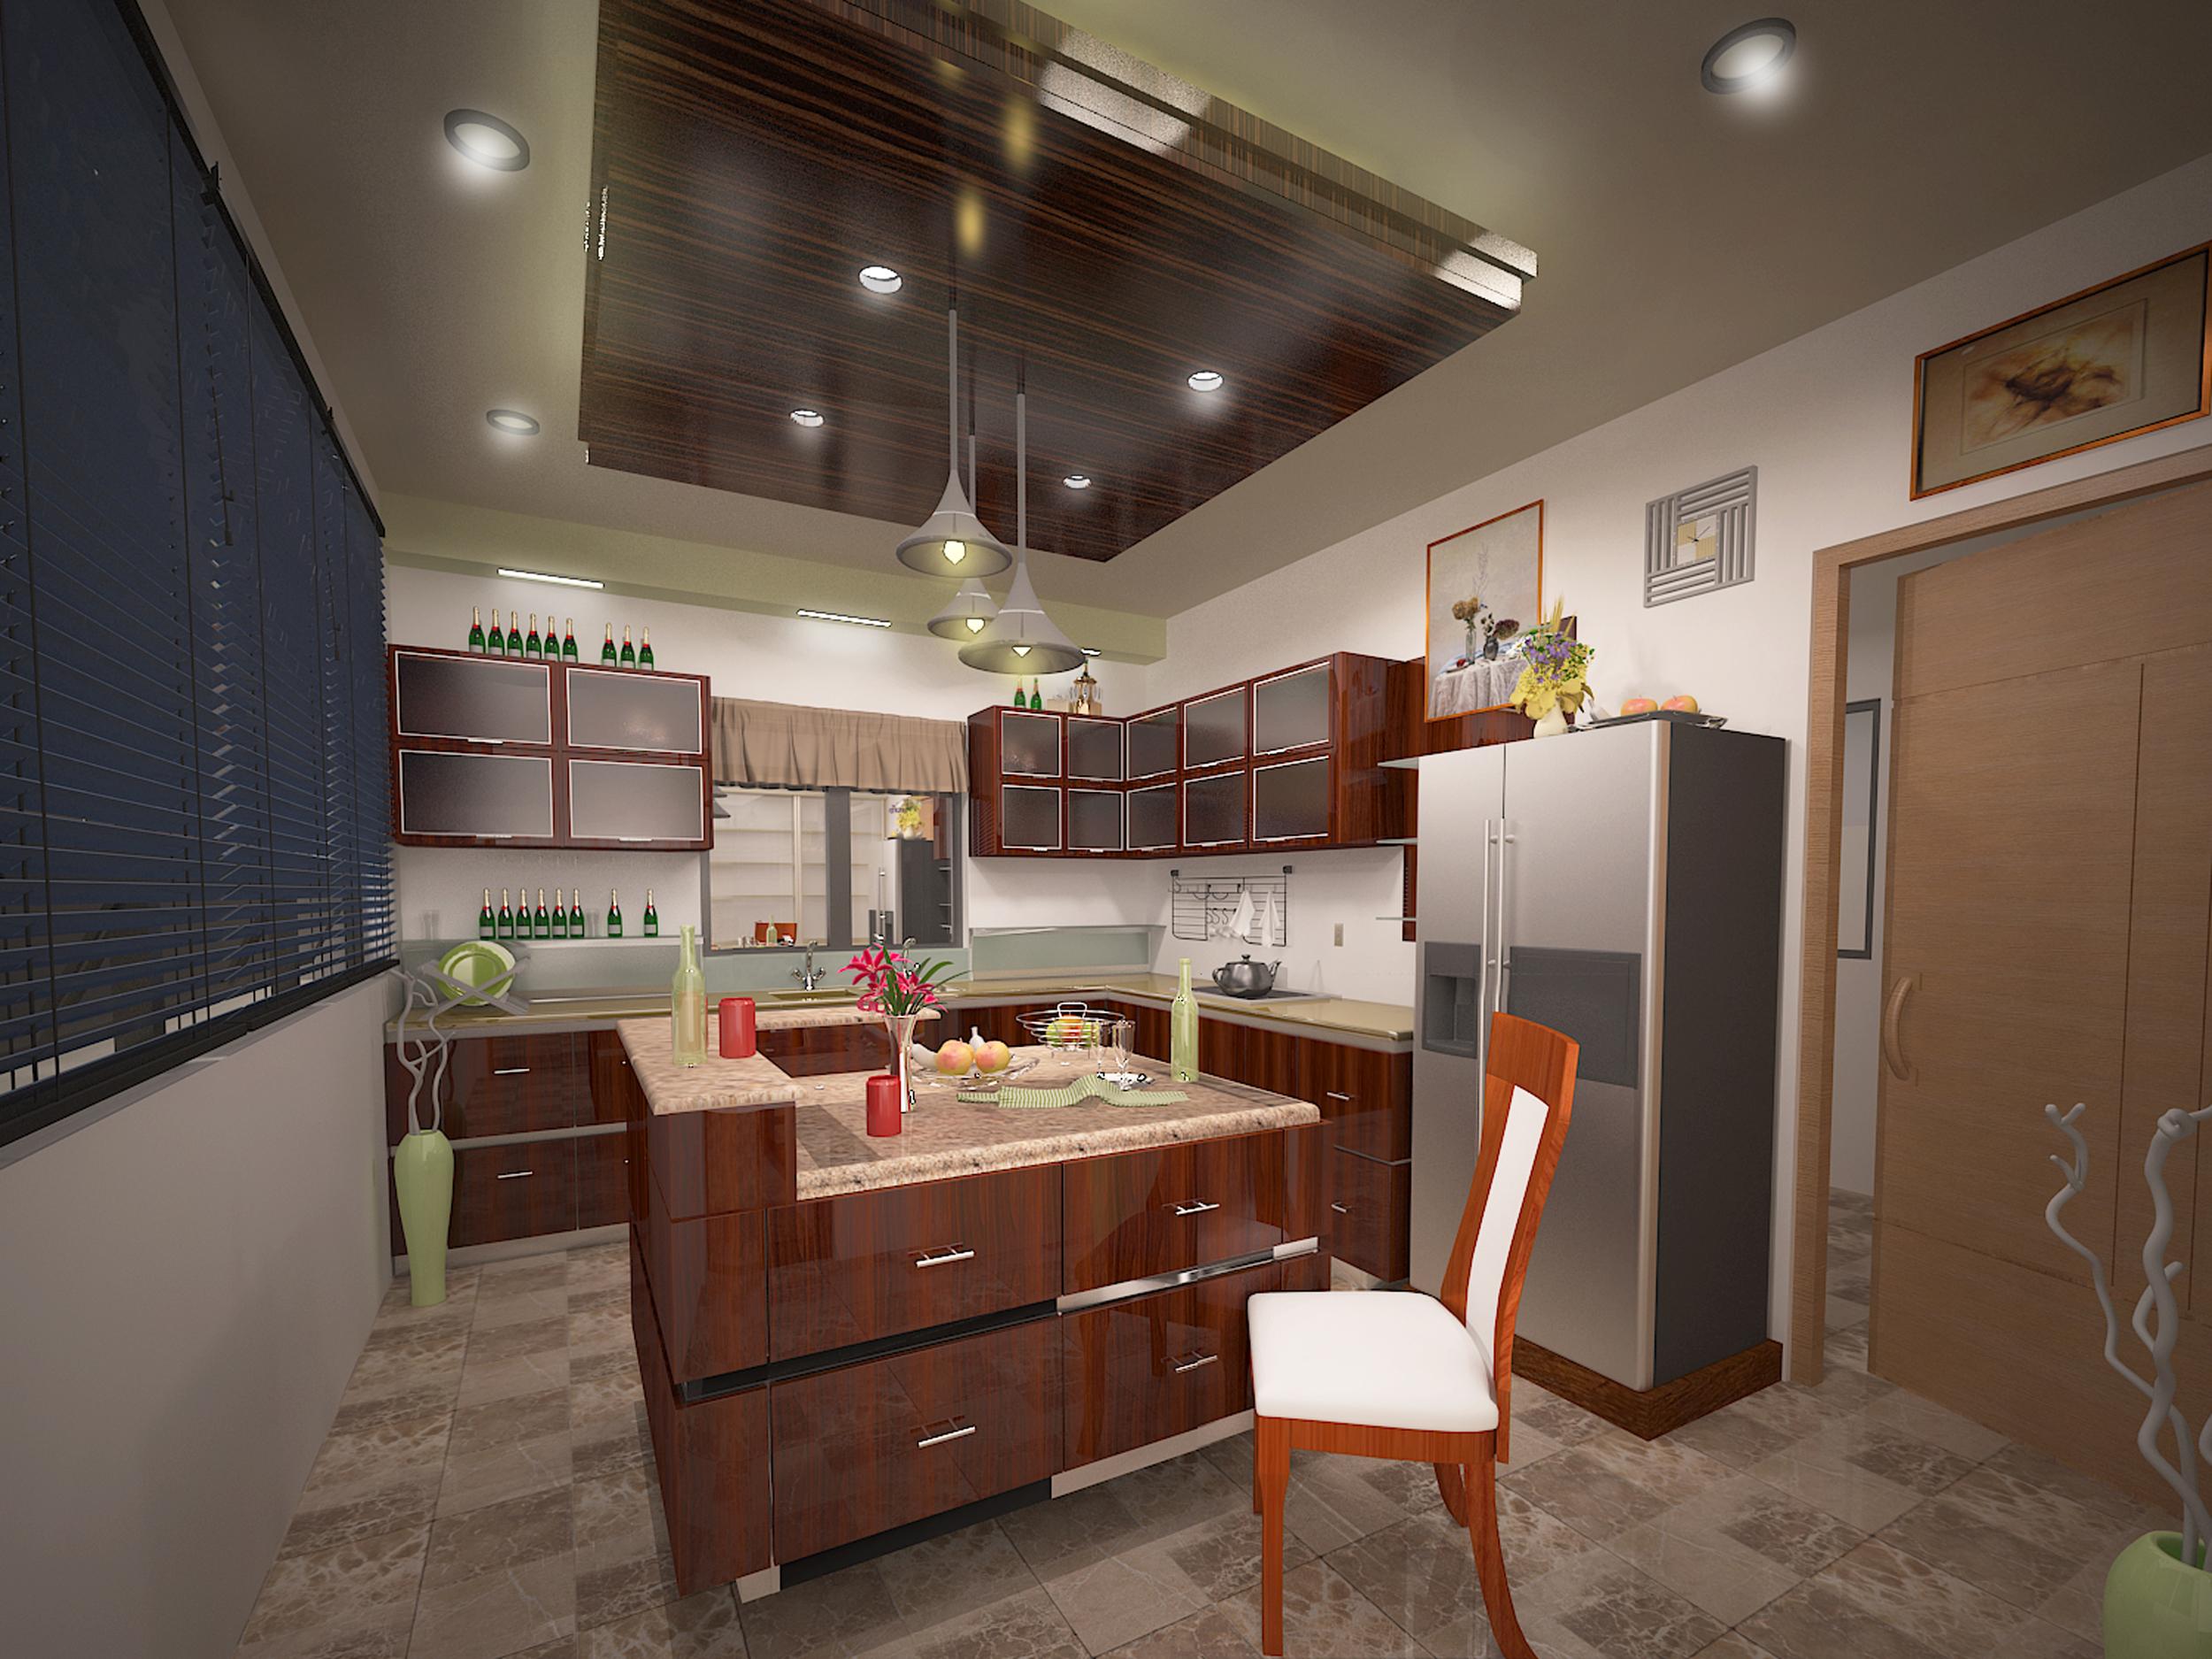 Interior 2 (Kitchen).jpg